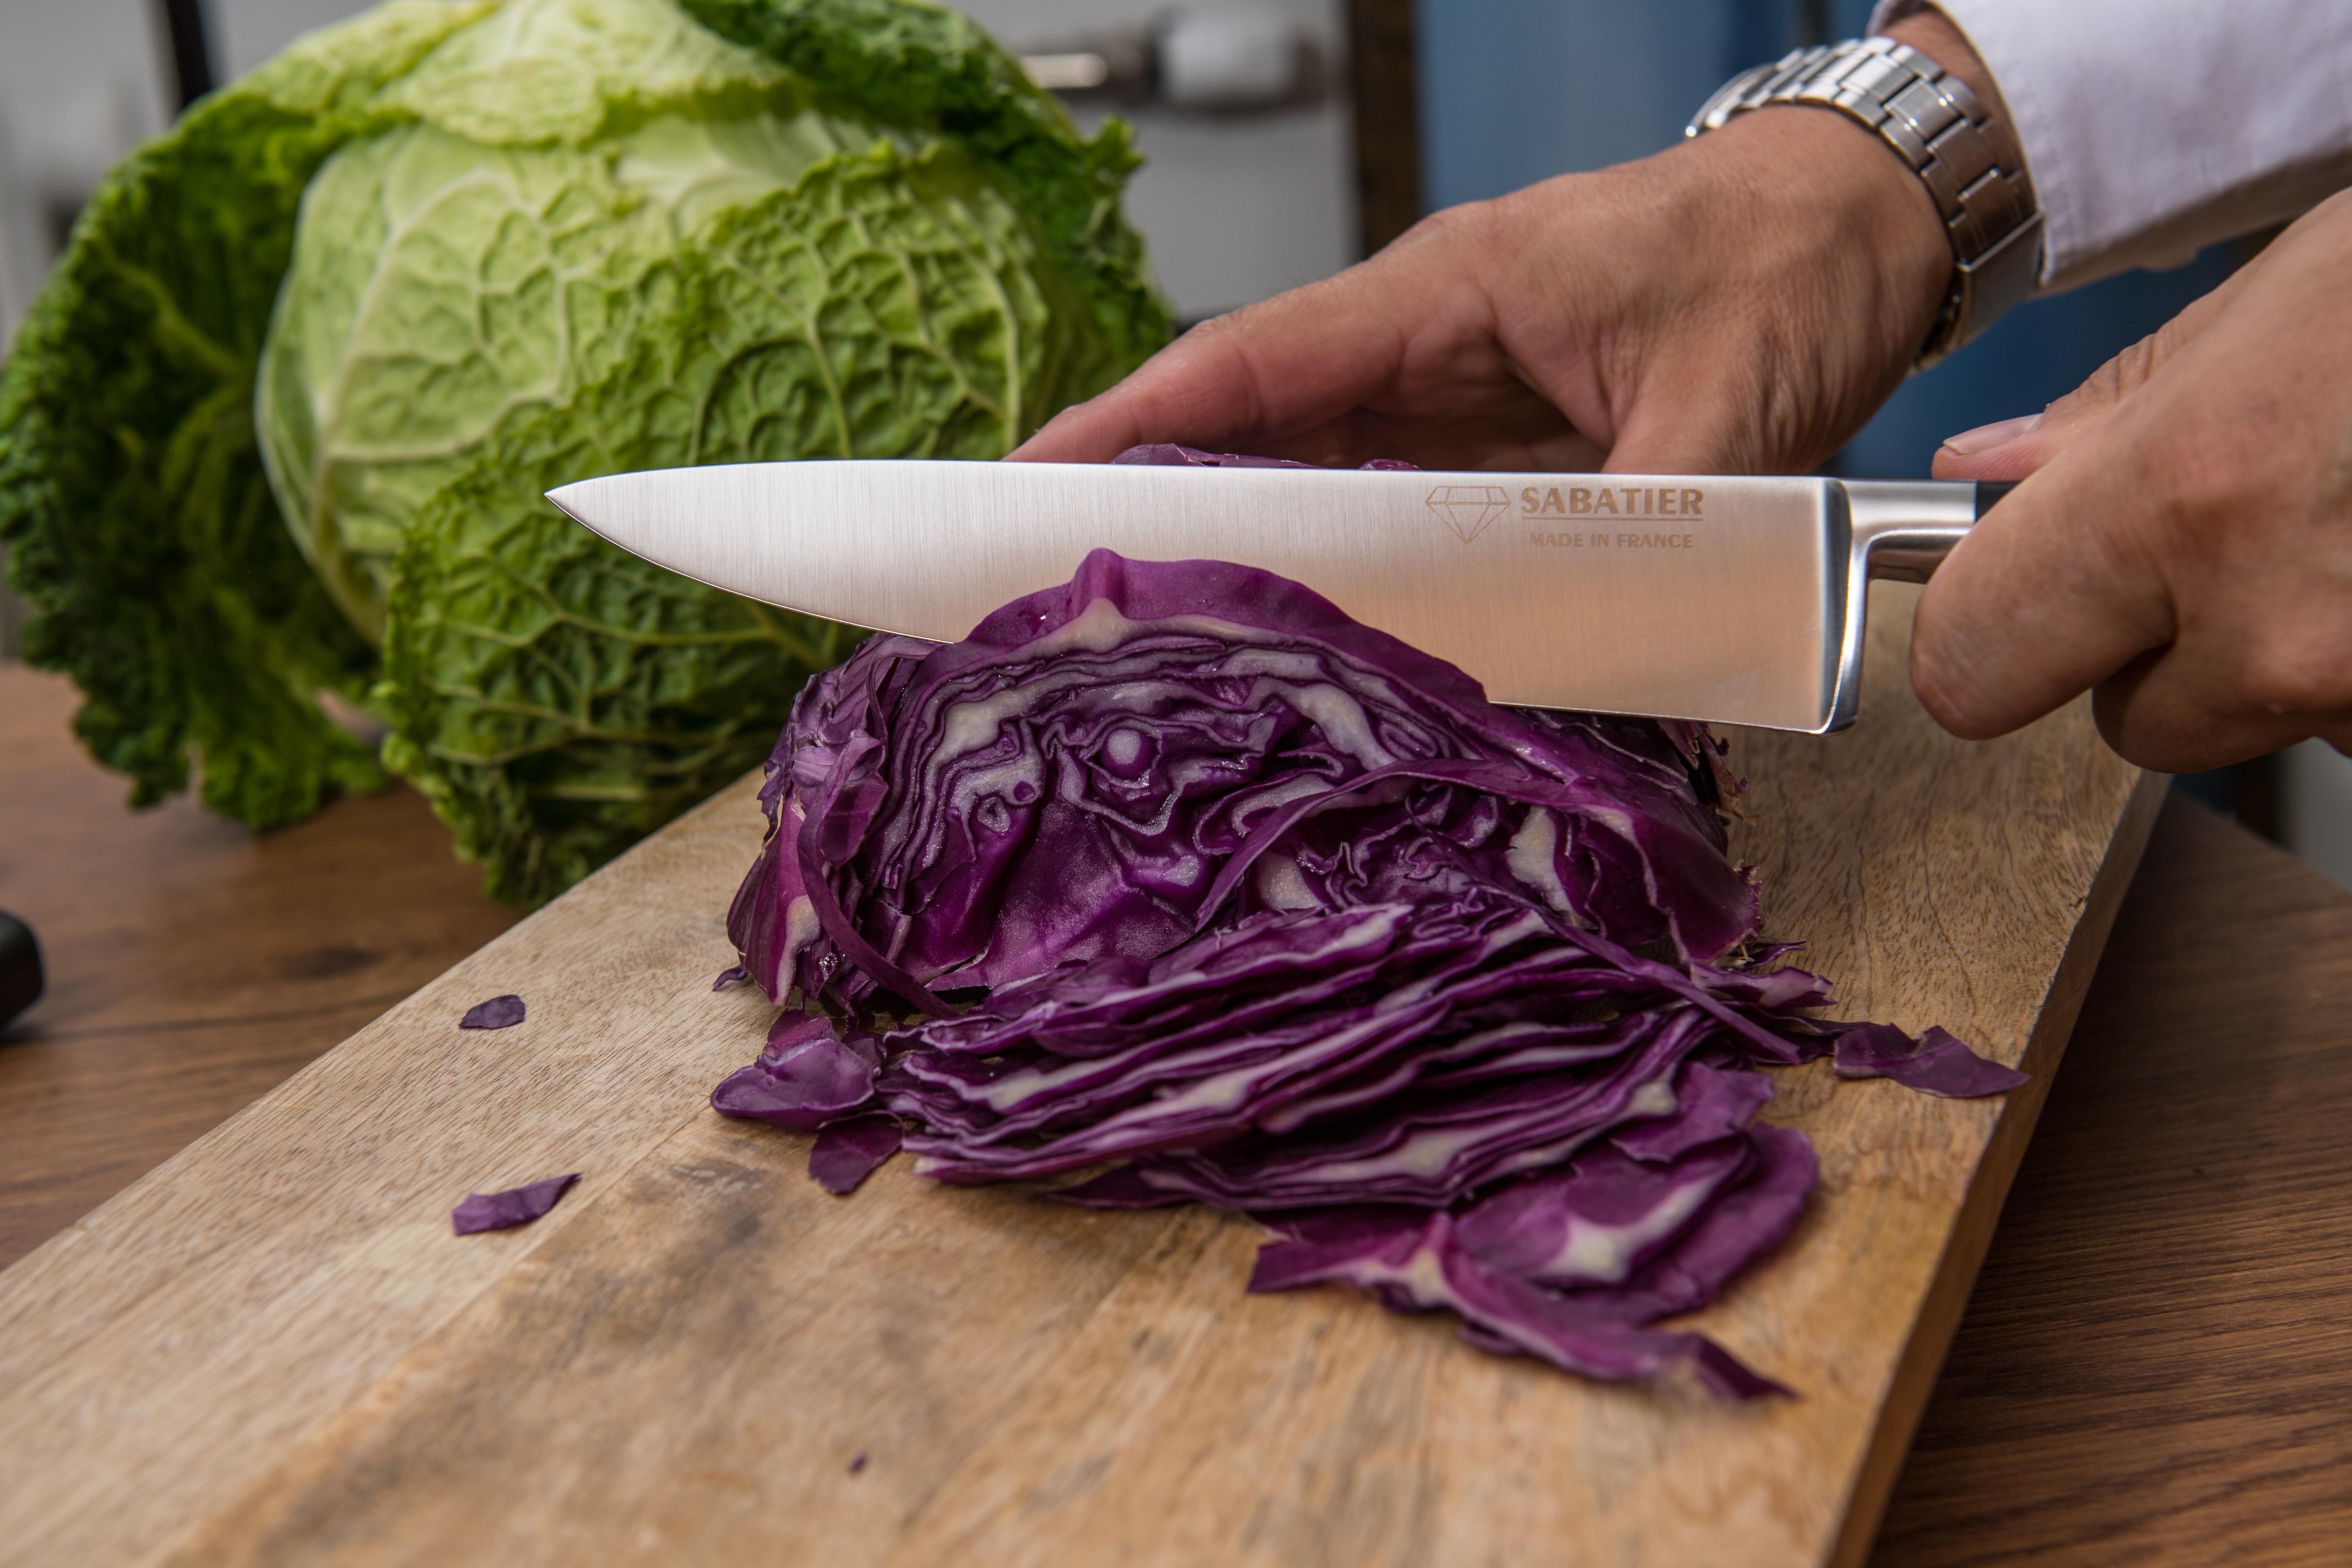 Couteau cuisine - SABATIER Diamant - Choux rouge